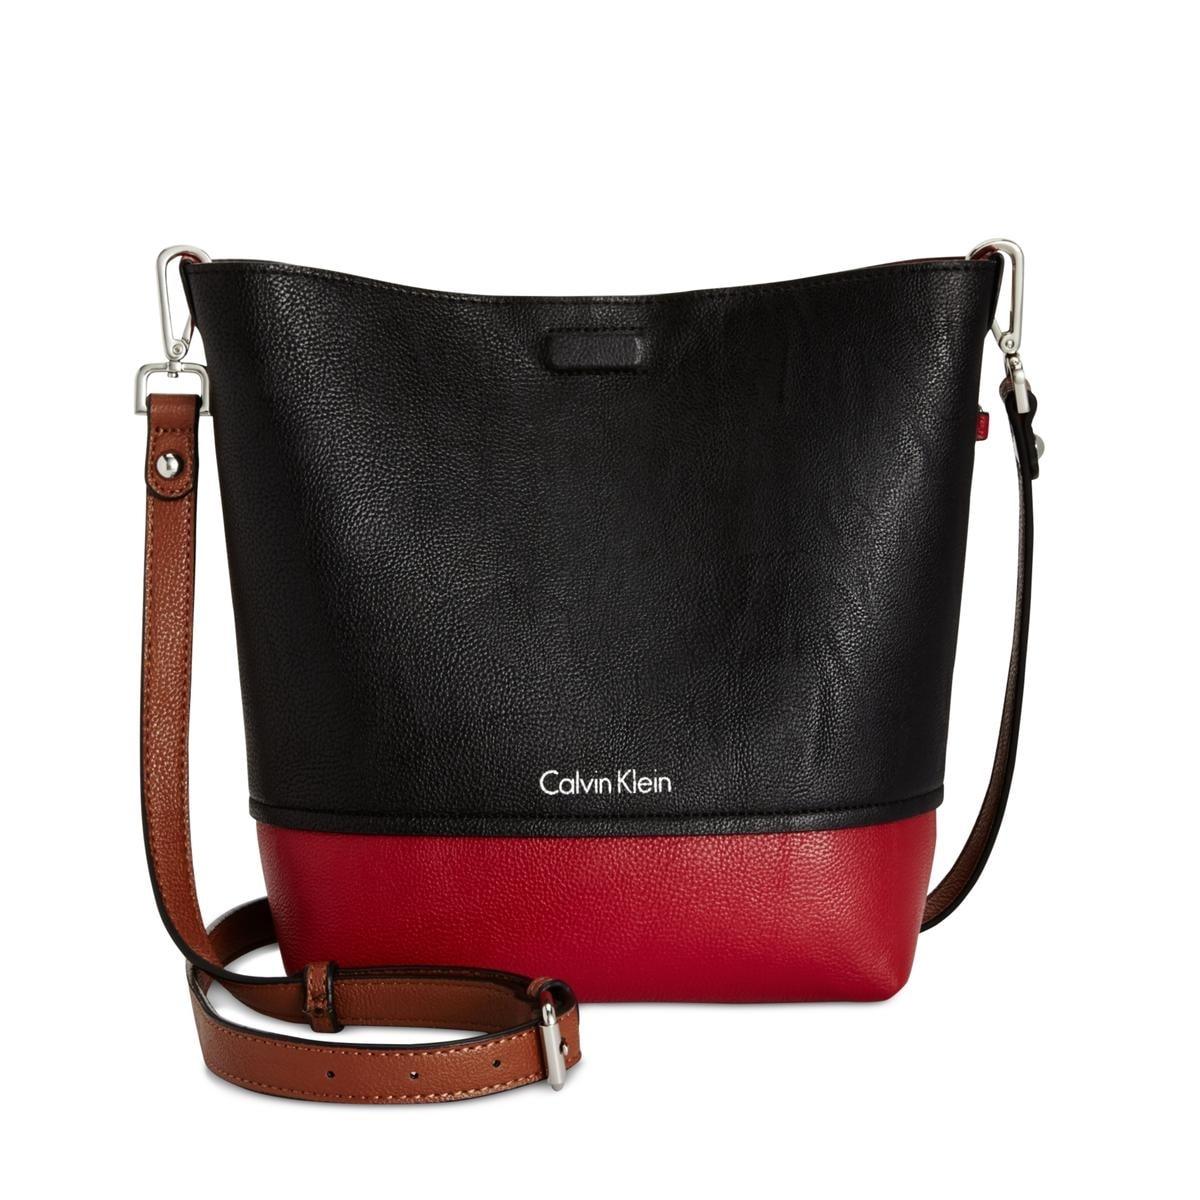 55e88e4755b Shop Calvin Klein Womens Kixbody Crossbody Handbag Colorblock Reversible -  MEDIUM - Free Shipping Today - Overstock - 20865662